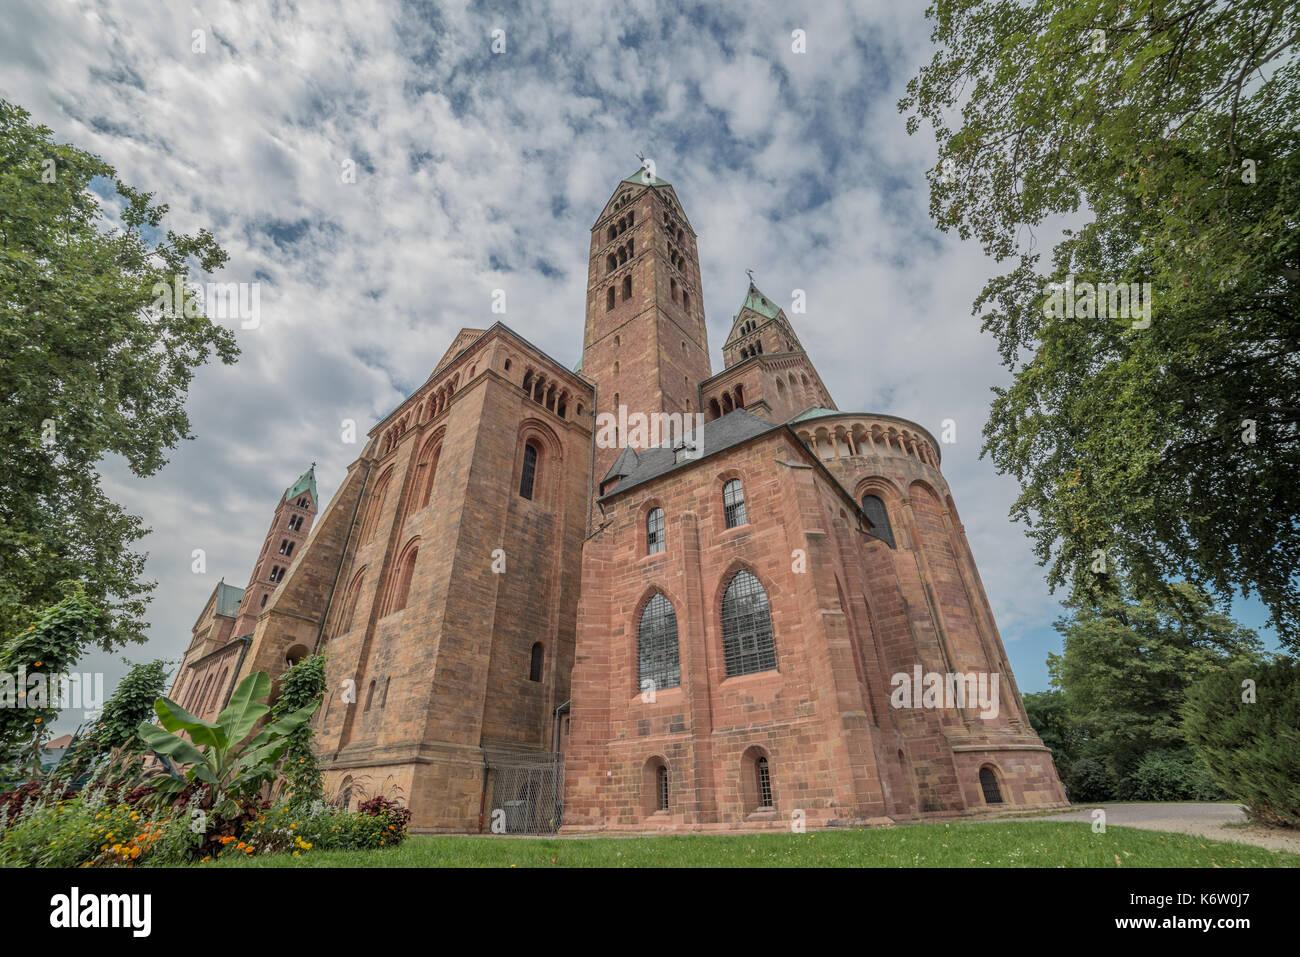 Reisen, Deutschland, Rheinland-Pfalz, Speyer, Innenstadt, September 04. Stockbild